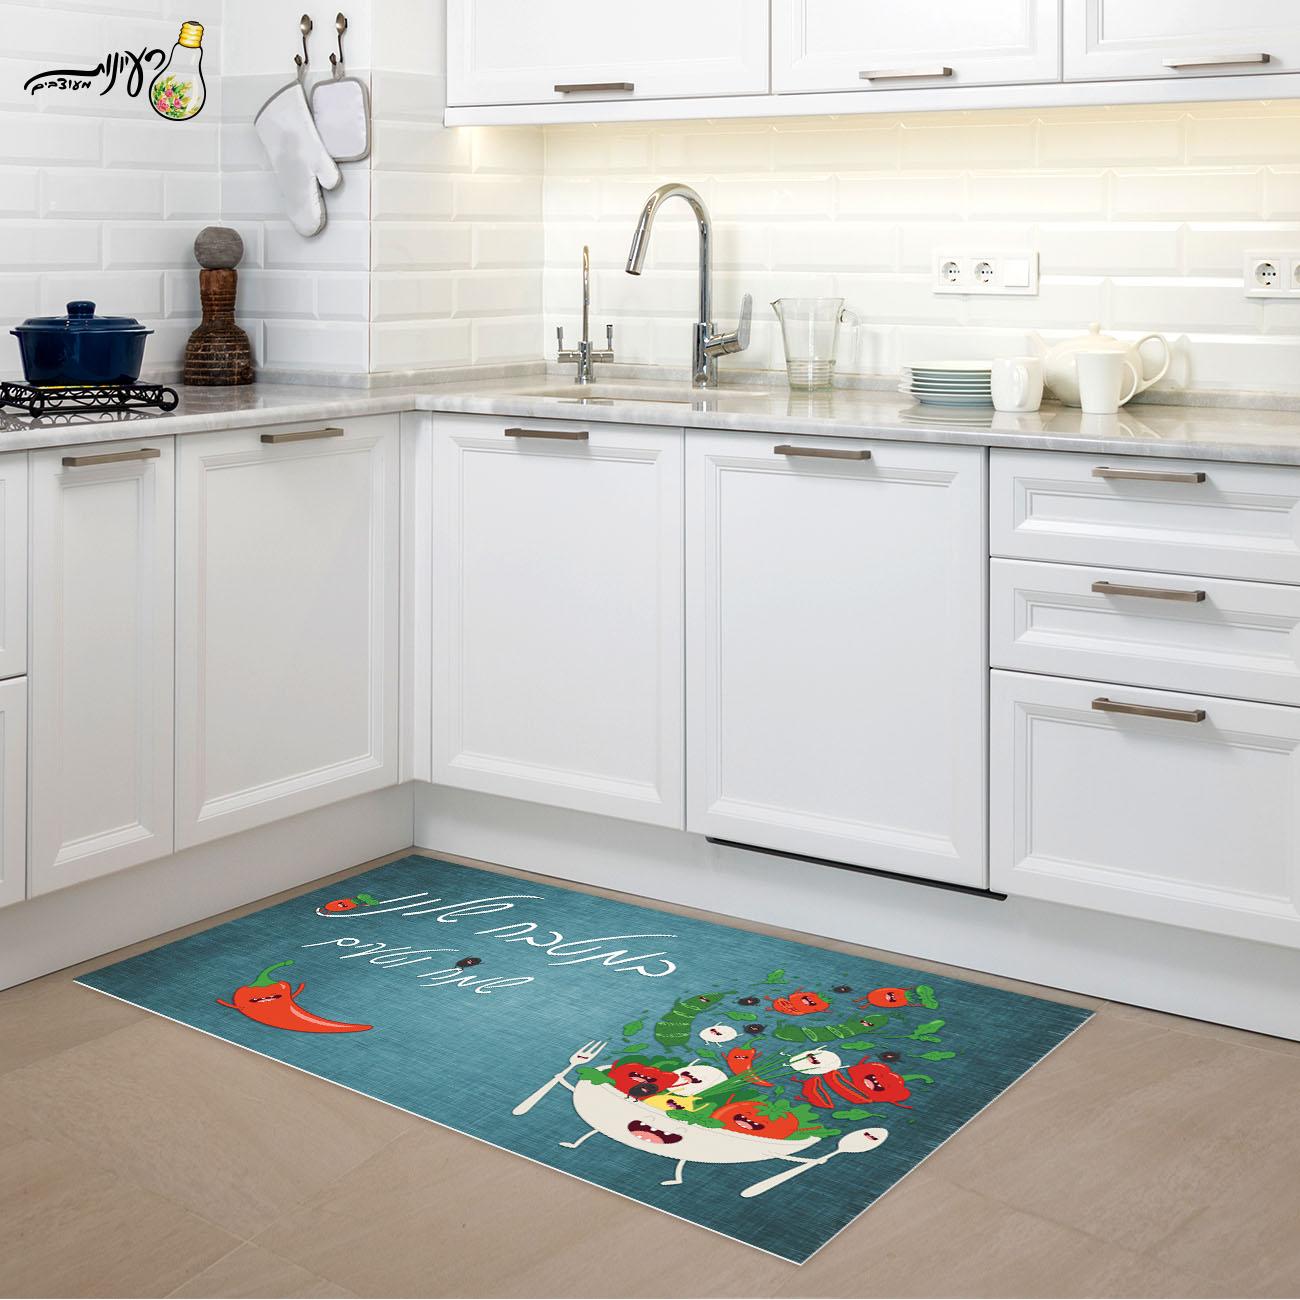 """שטיח פי וי סי למטבח  """"הסלט השמח""""  שטיח למטבח  שטיח פי וי סי   שטיח PVC   שטיחי פי וי סי מעוצבים"""